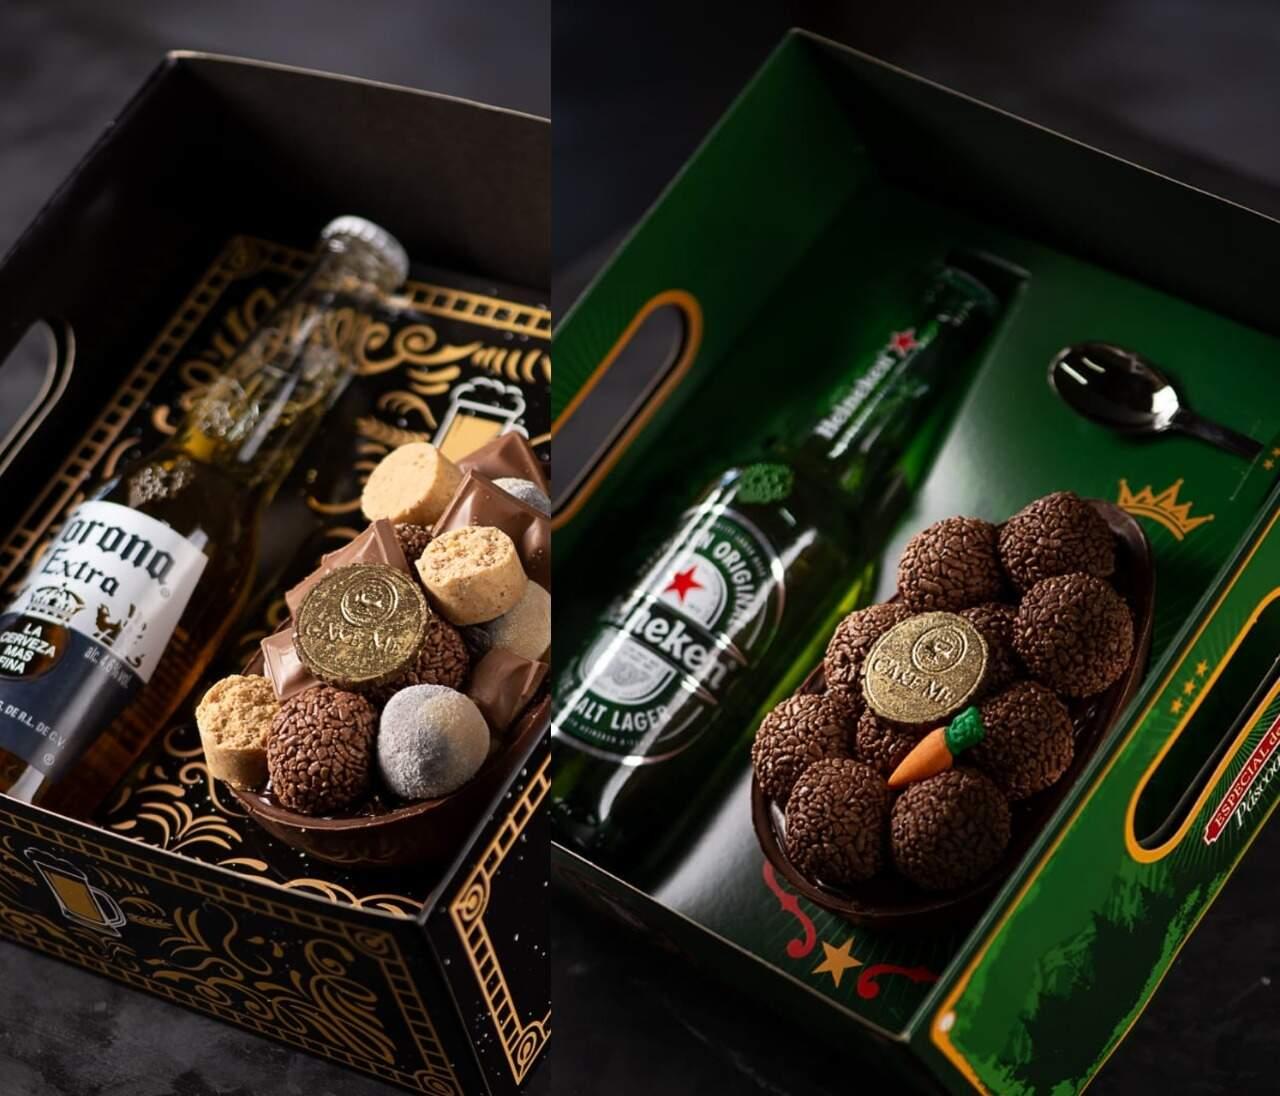 Para os adultos, kits com bebidas alcoolicas são um sucesso. (Foto: Pedro Shimith Fotografia)